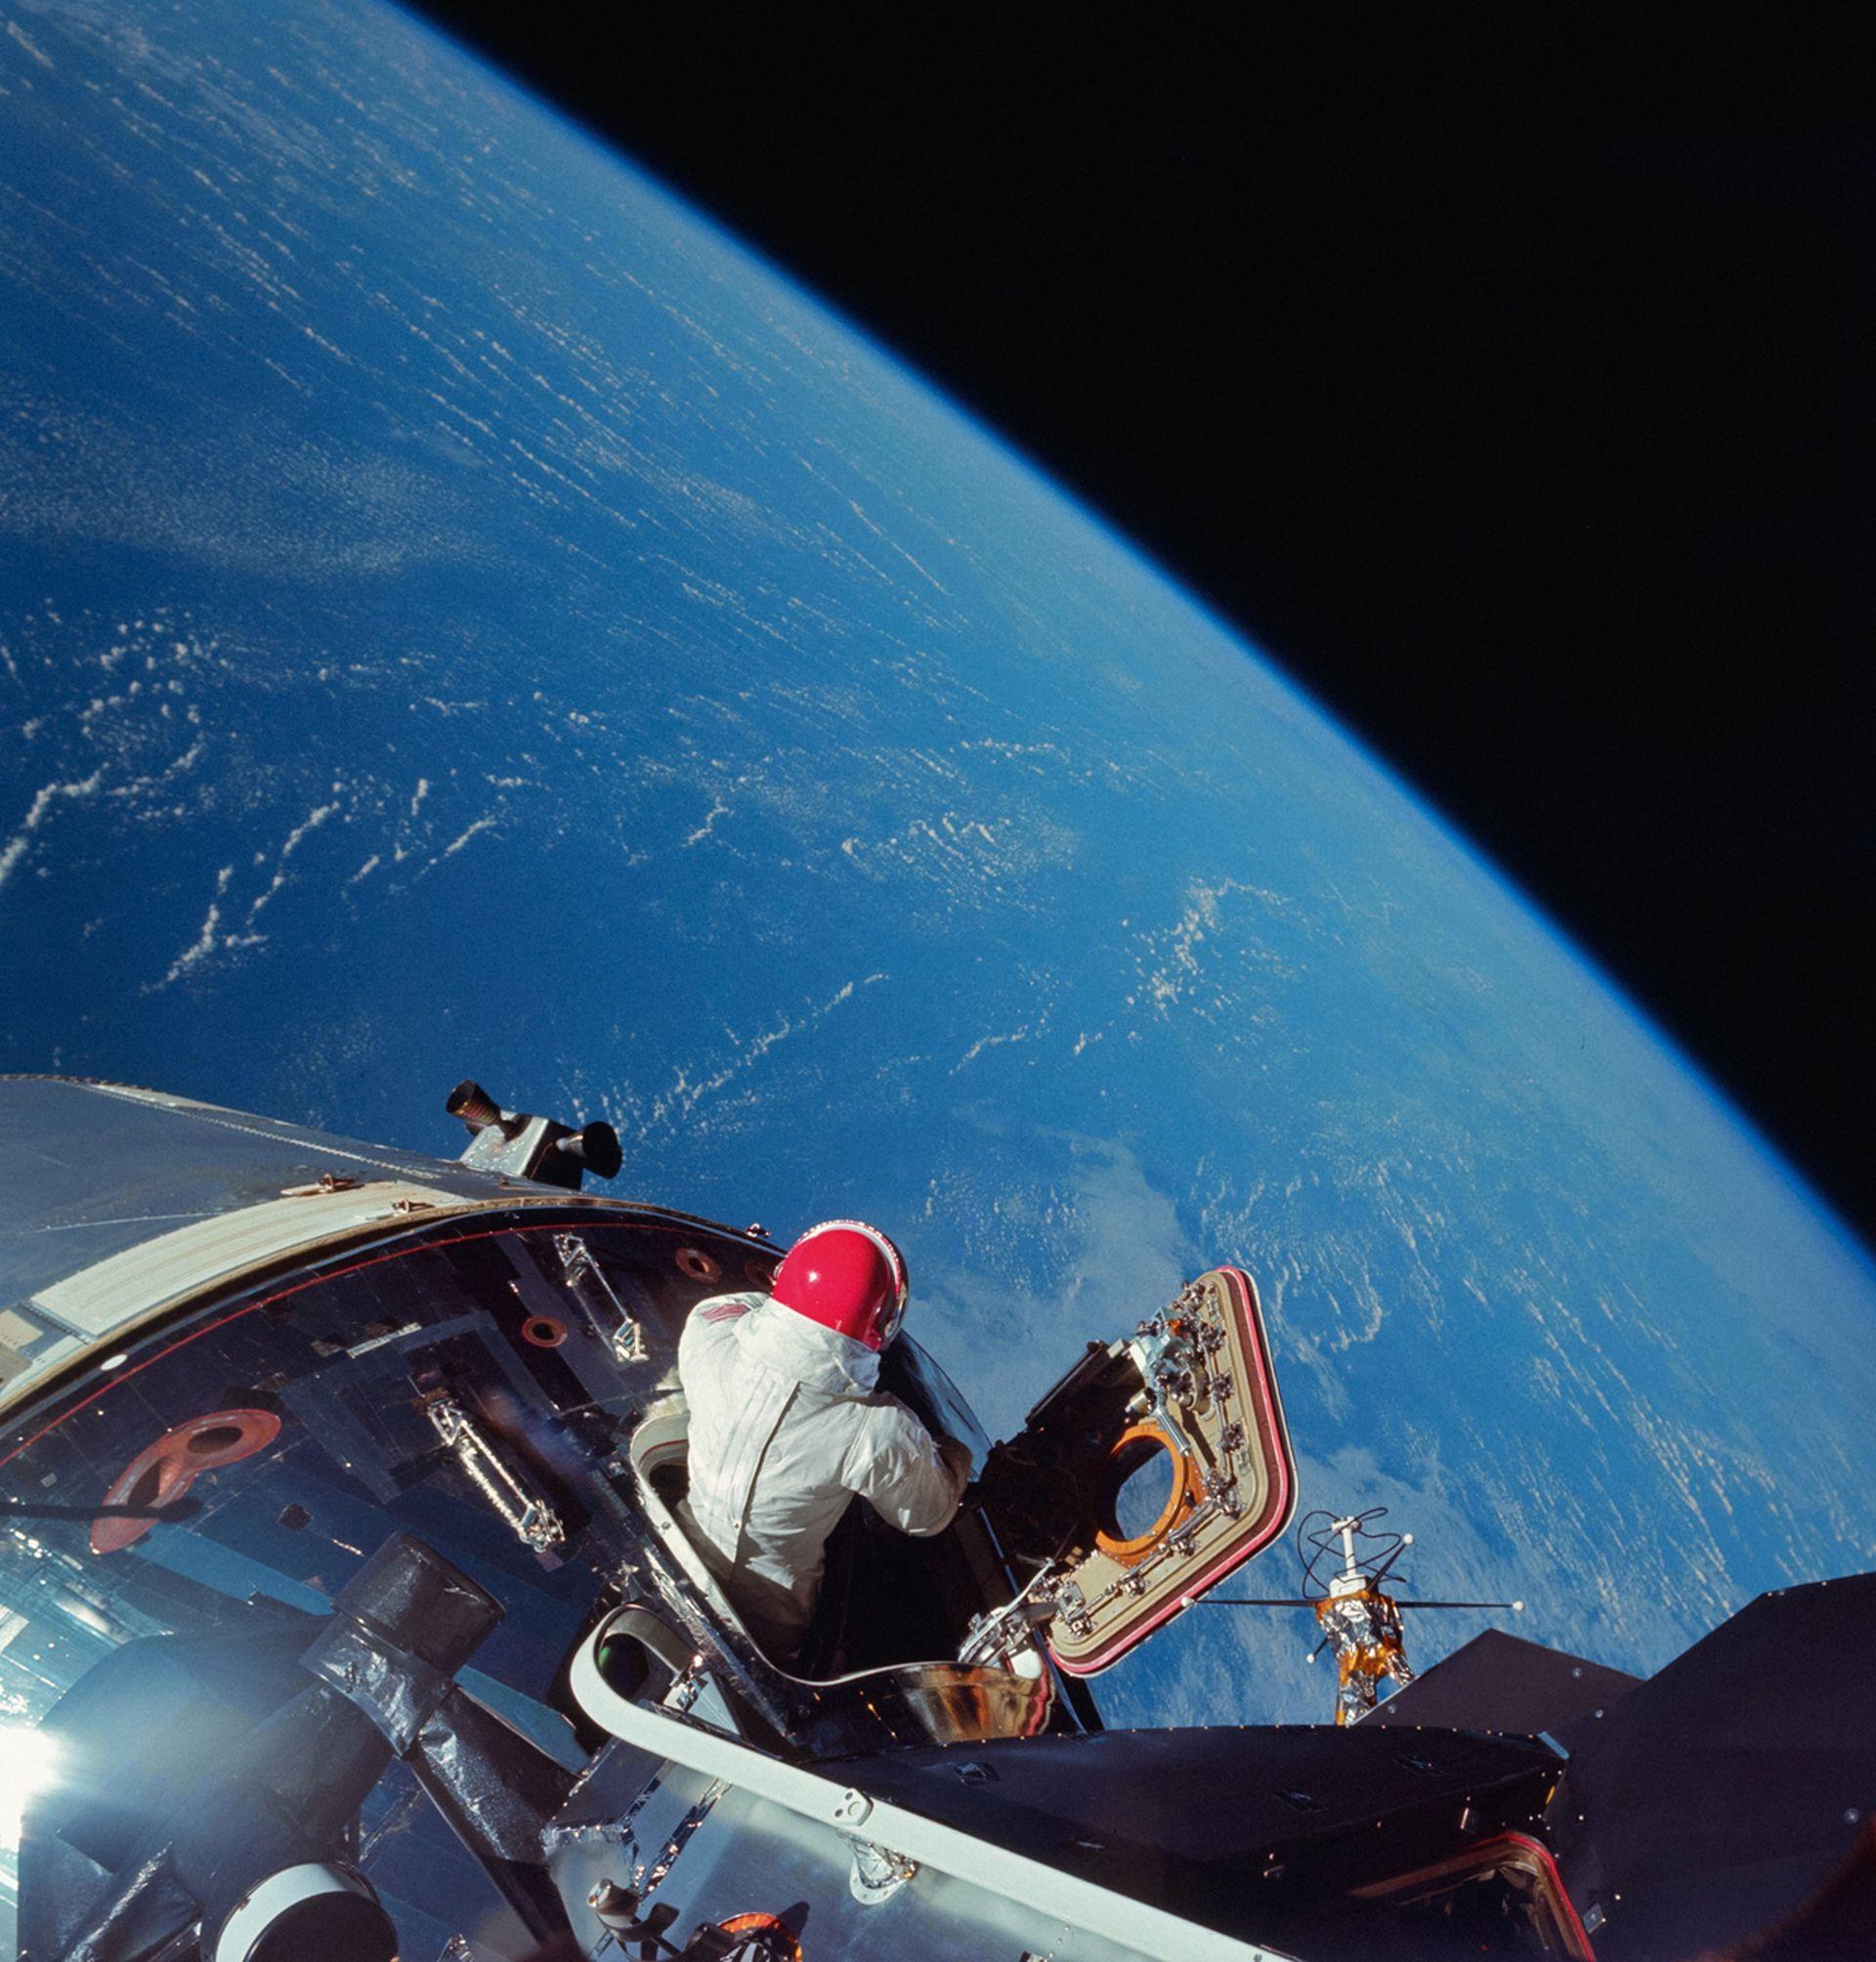 El piloto de Apollo IX emerge de la escotilla –en marzo de 1969– para probar el traje que se usará en las misiones lunares